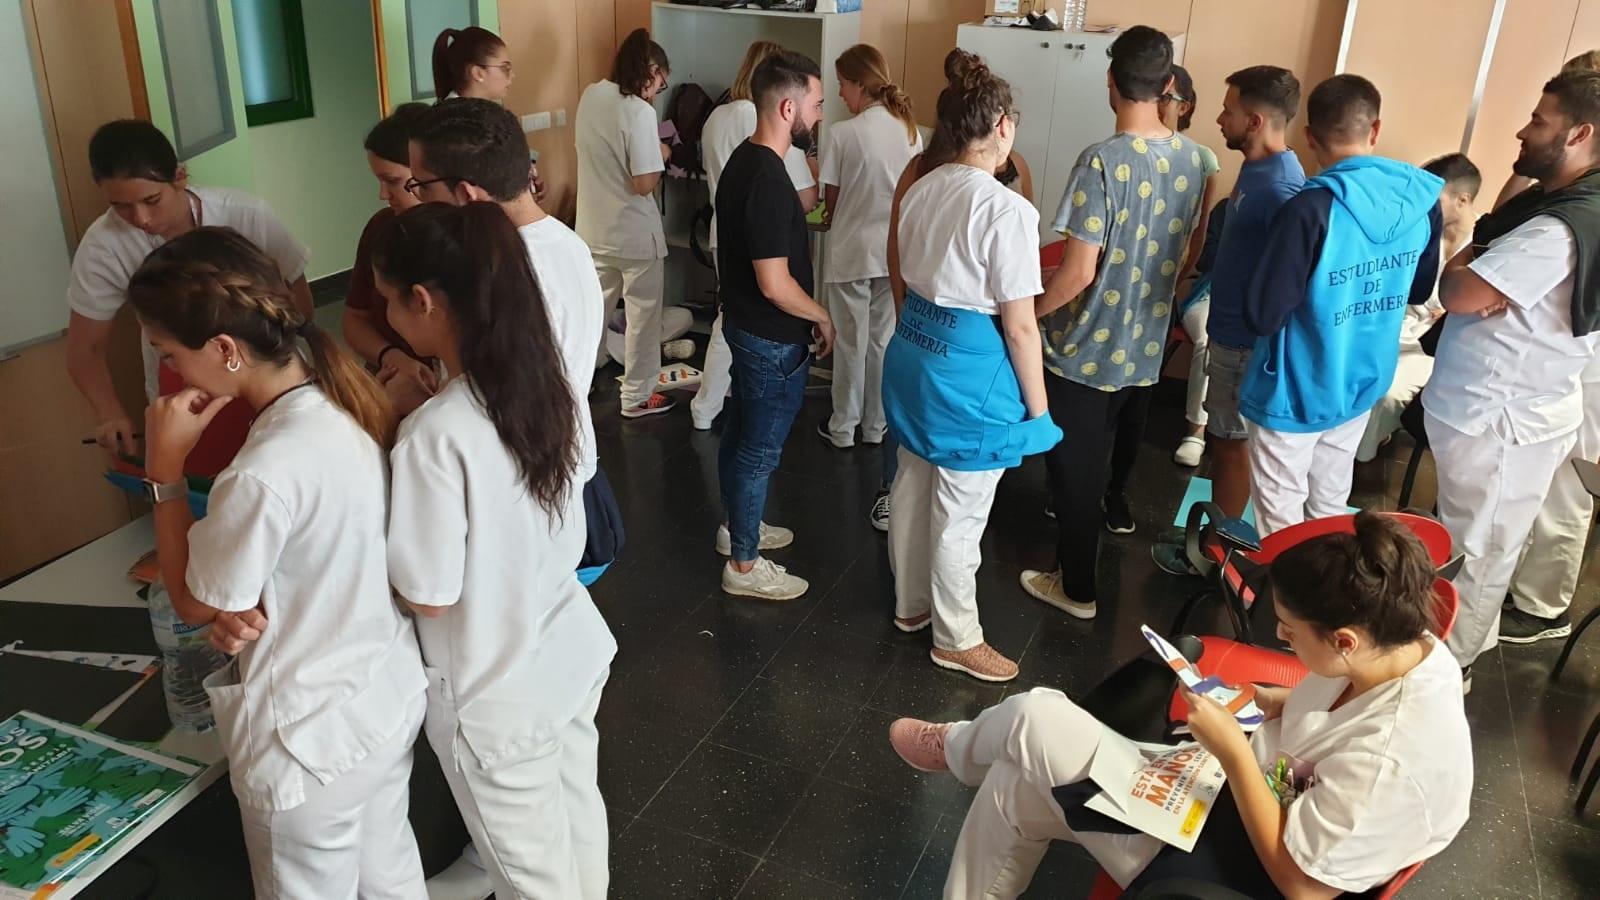 El Área de Salud de Lanzarote celebra el Día Mundial de la Higiene de Manos con talleres y mesas informativas